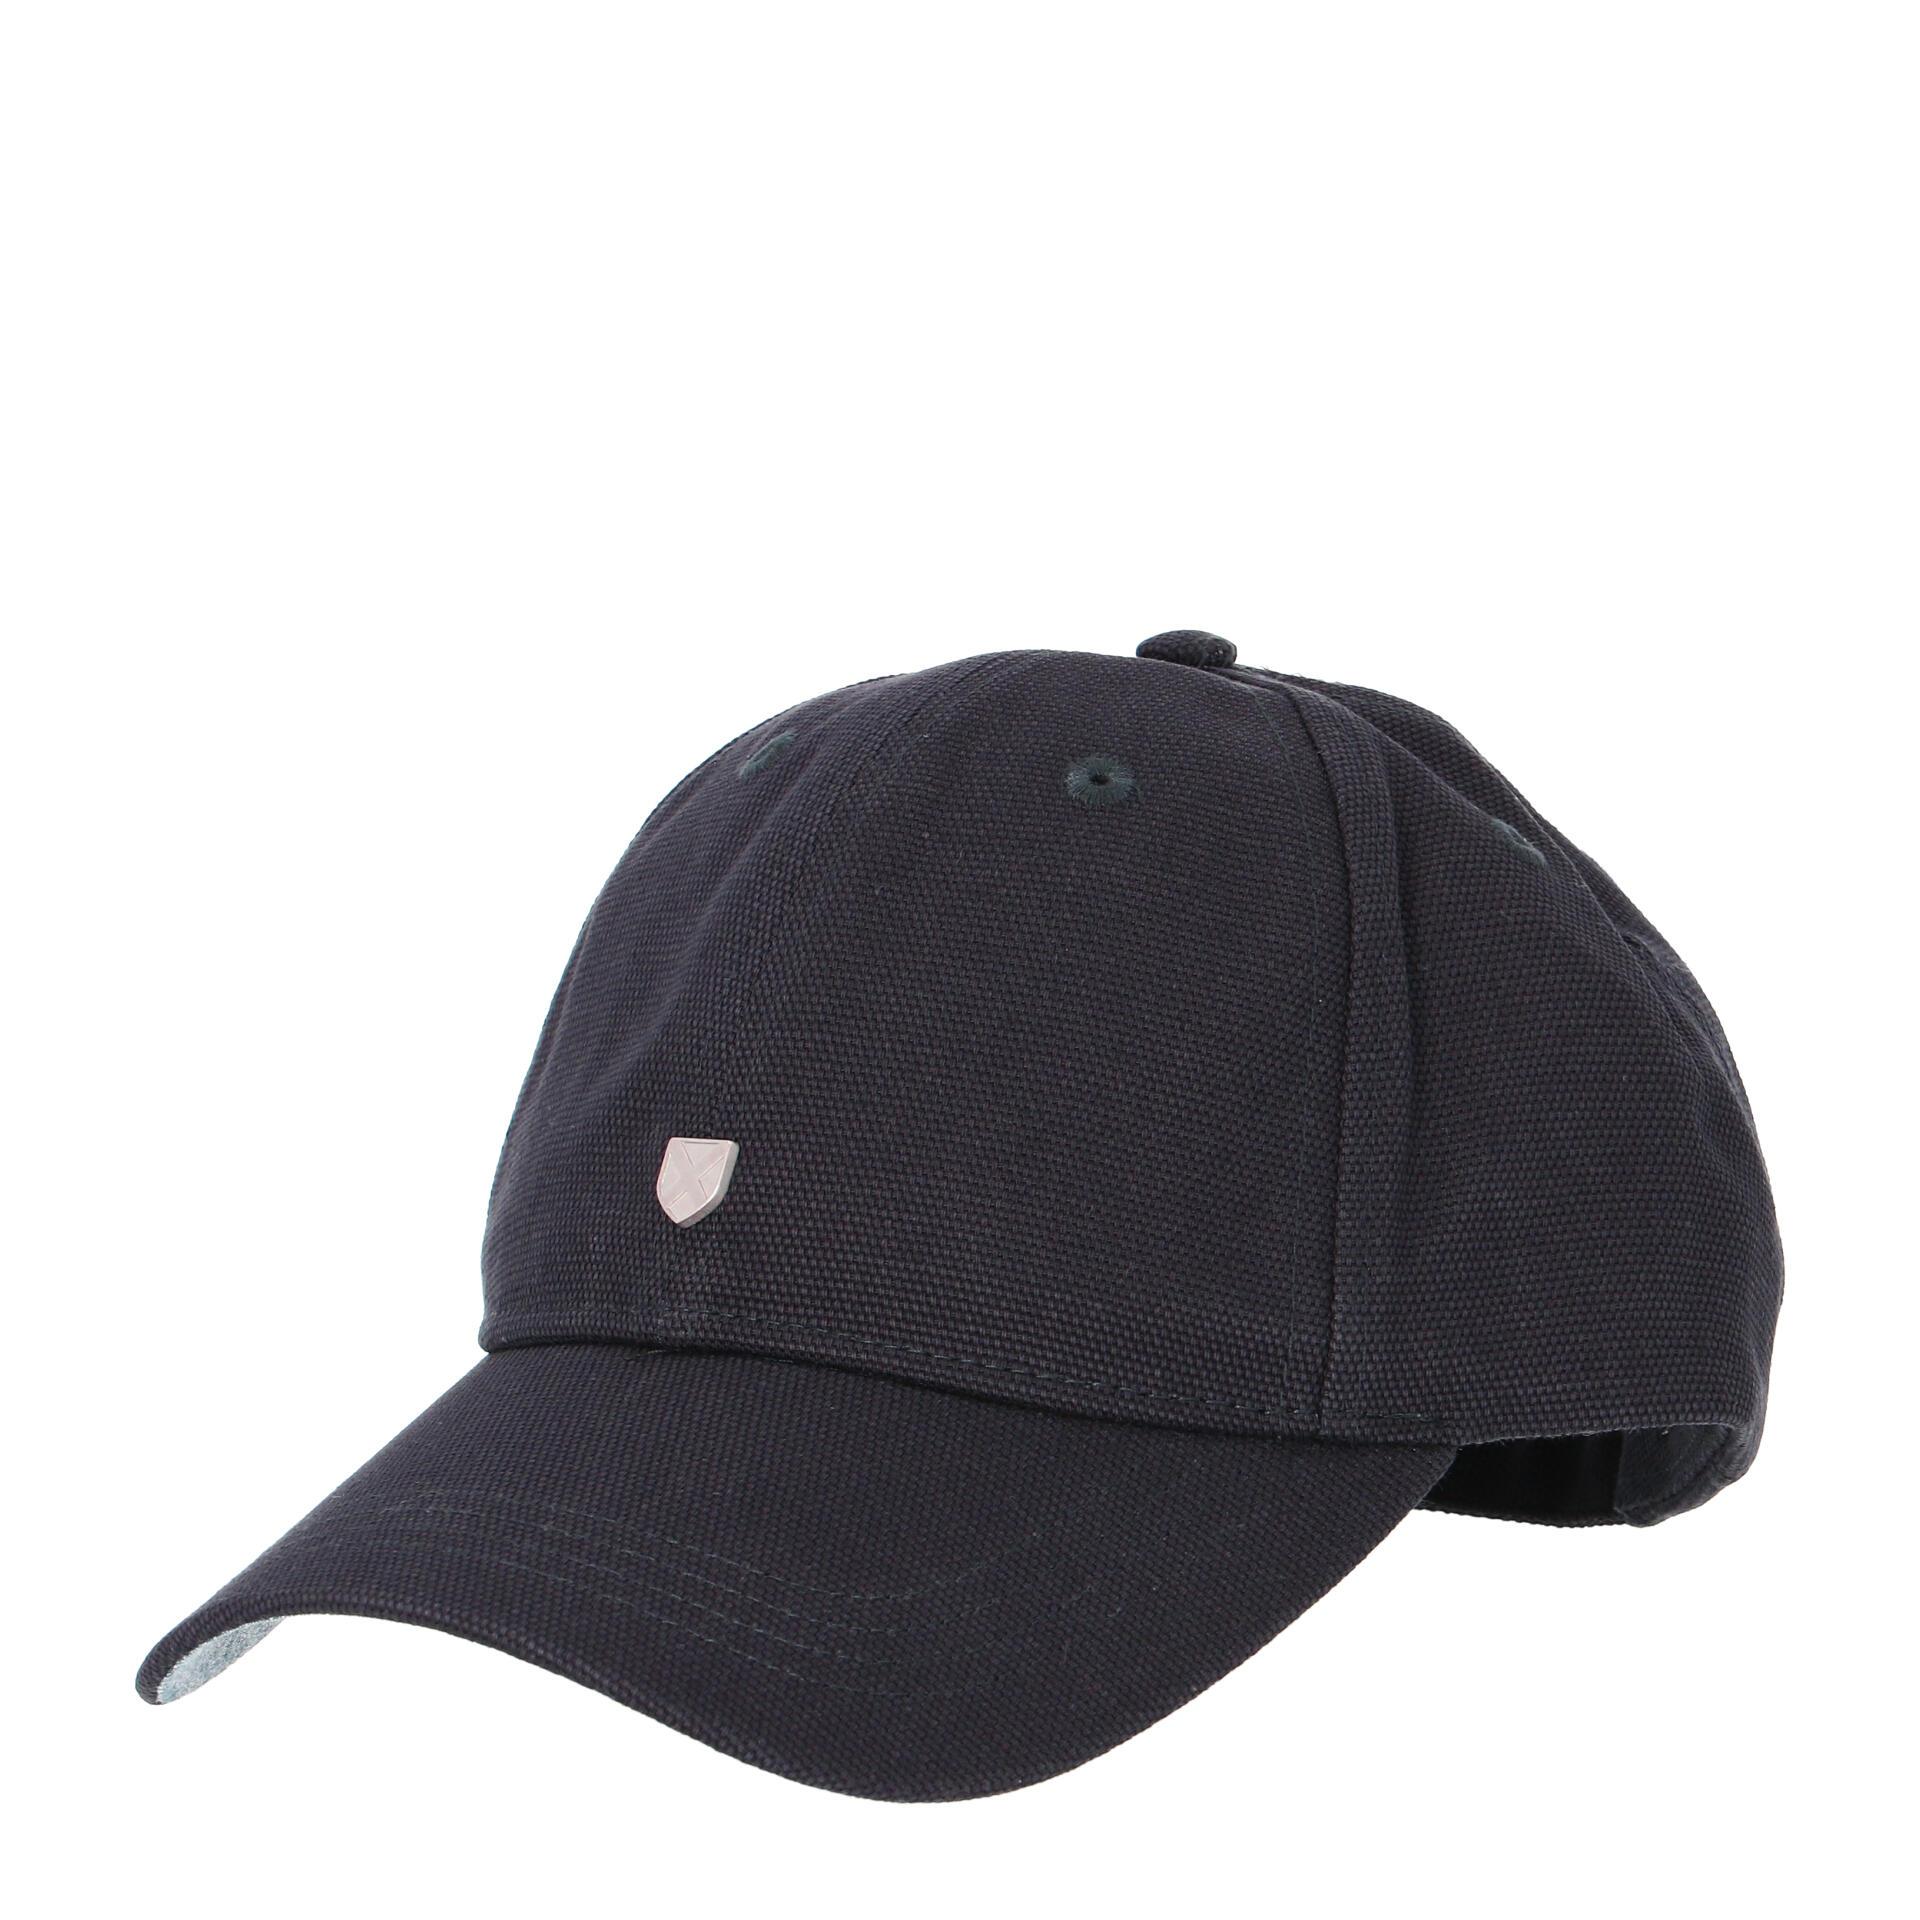 Edderton Sports Cap navy